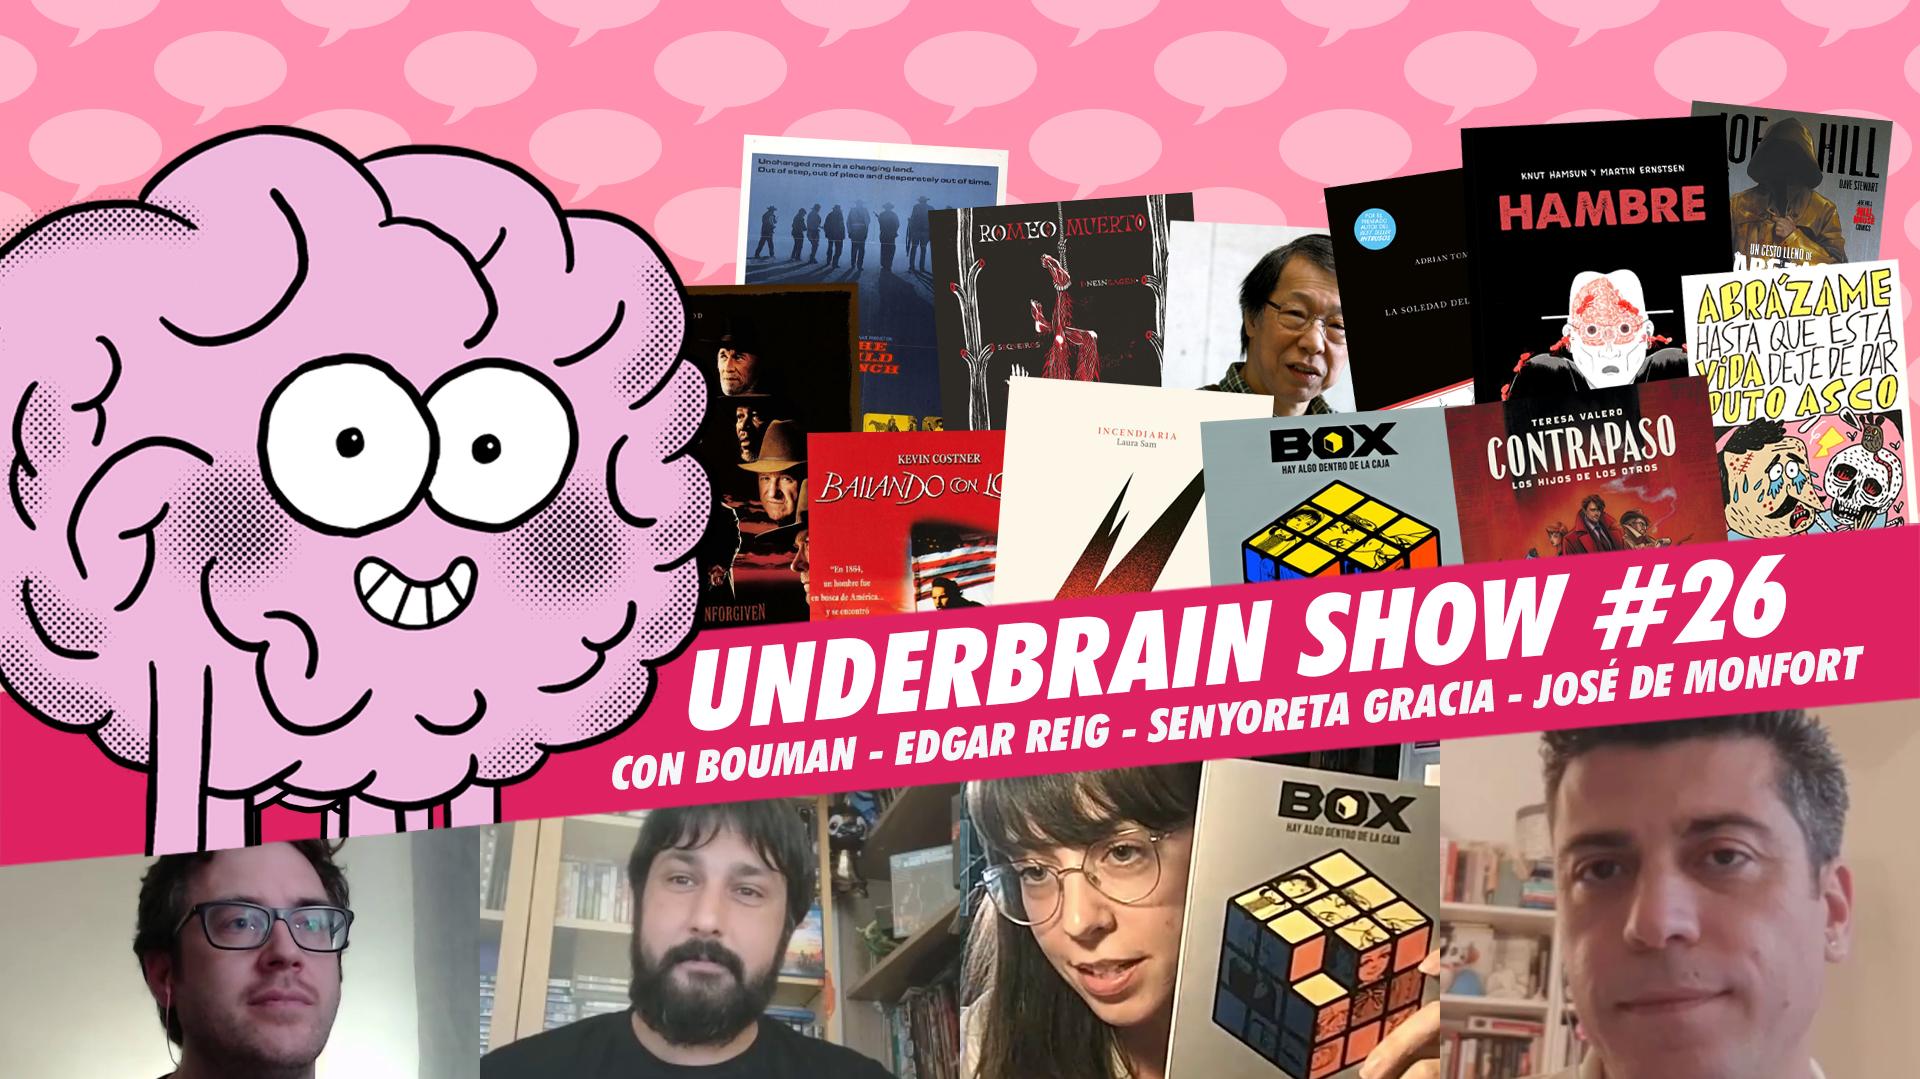 Underbrain Show #26